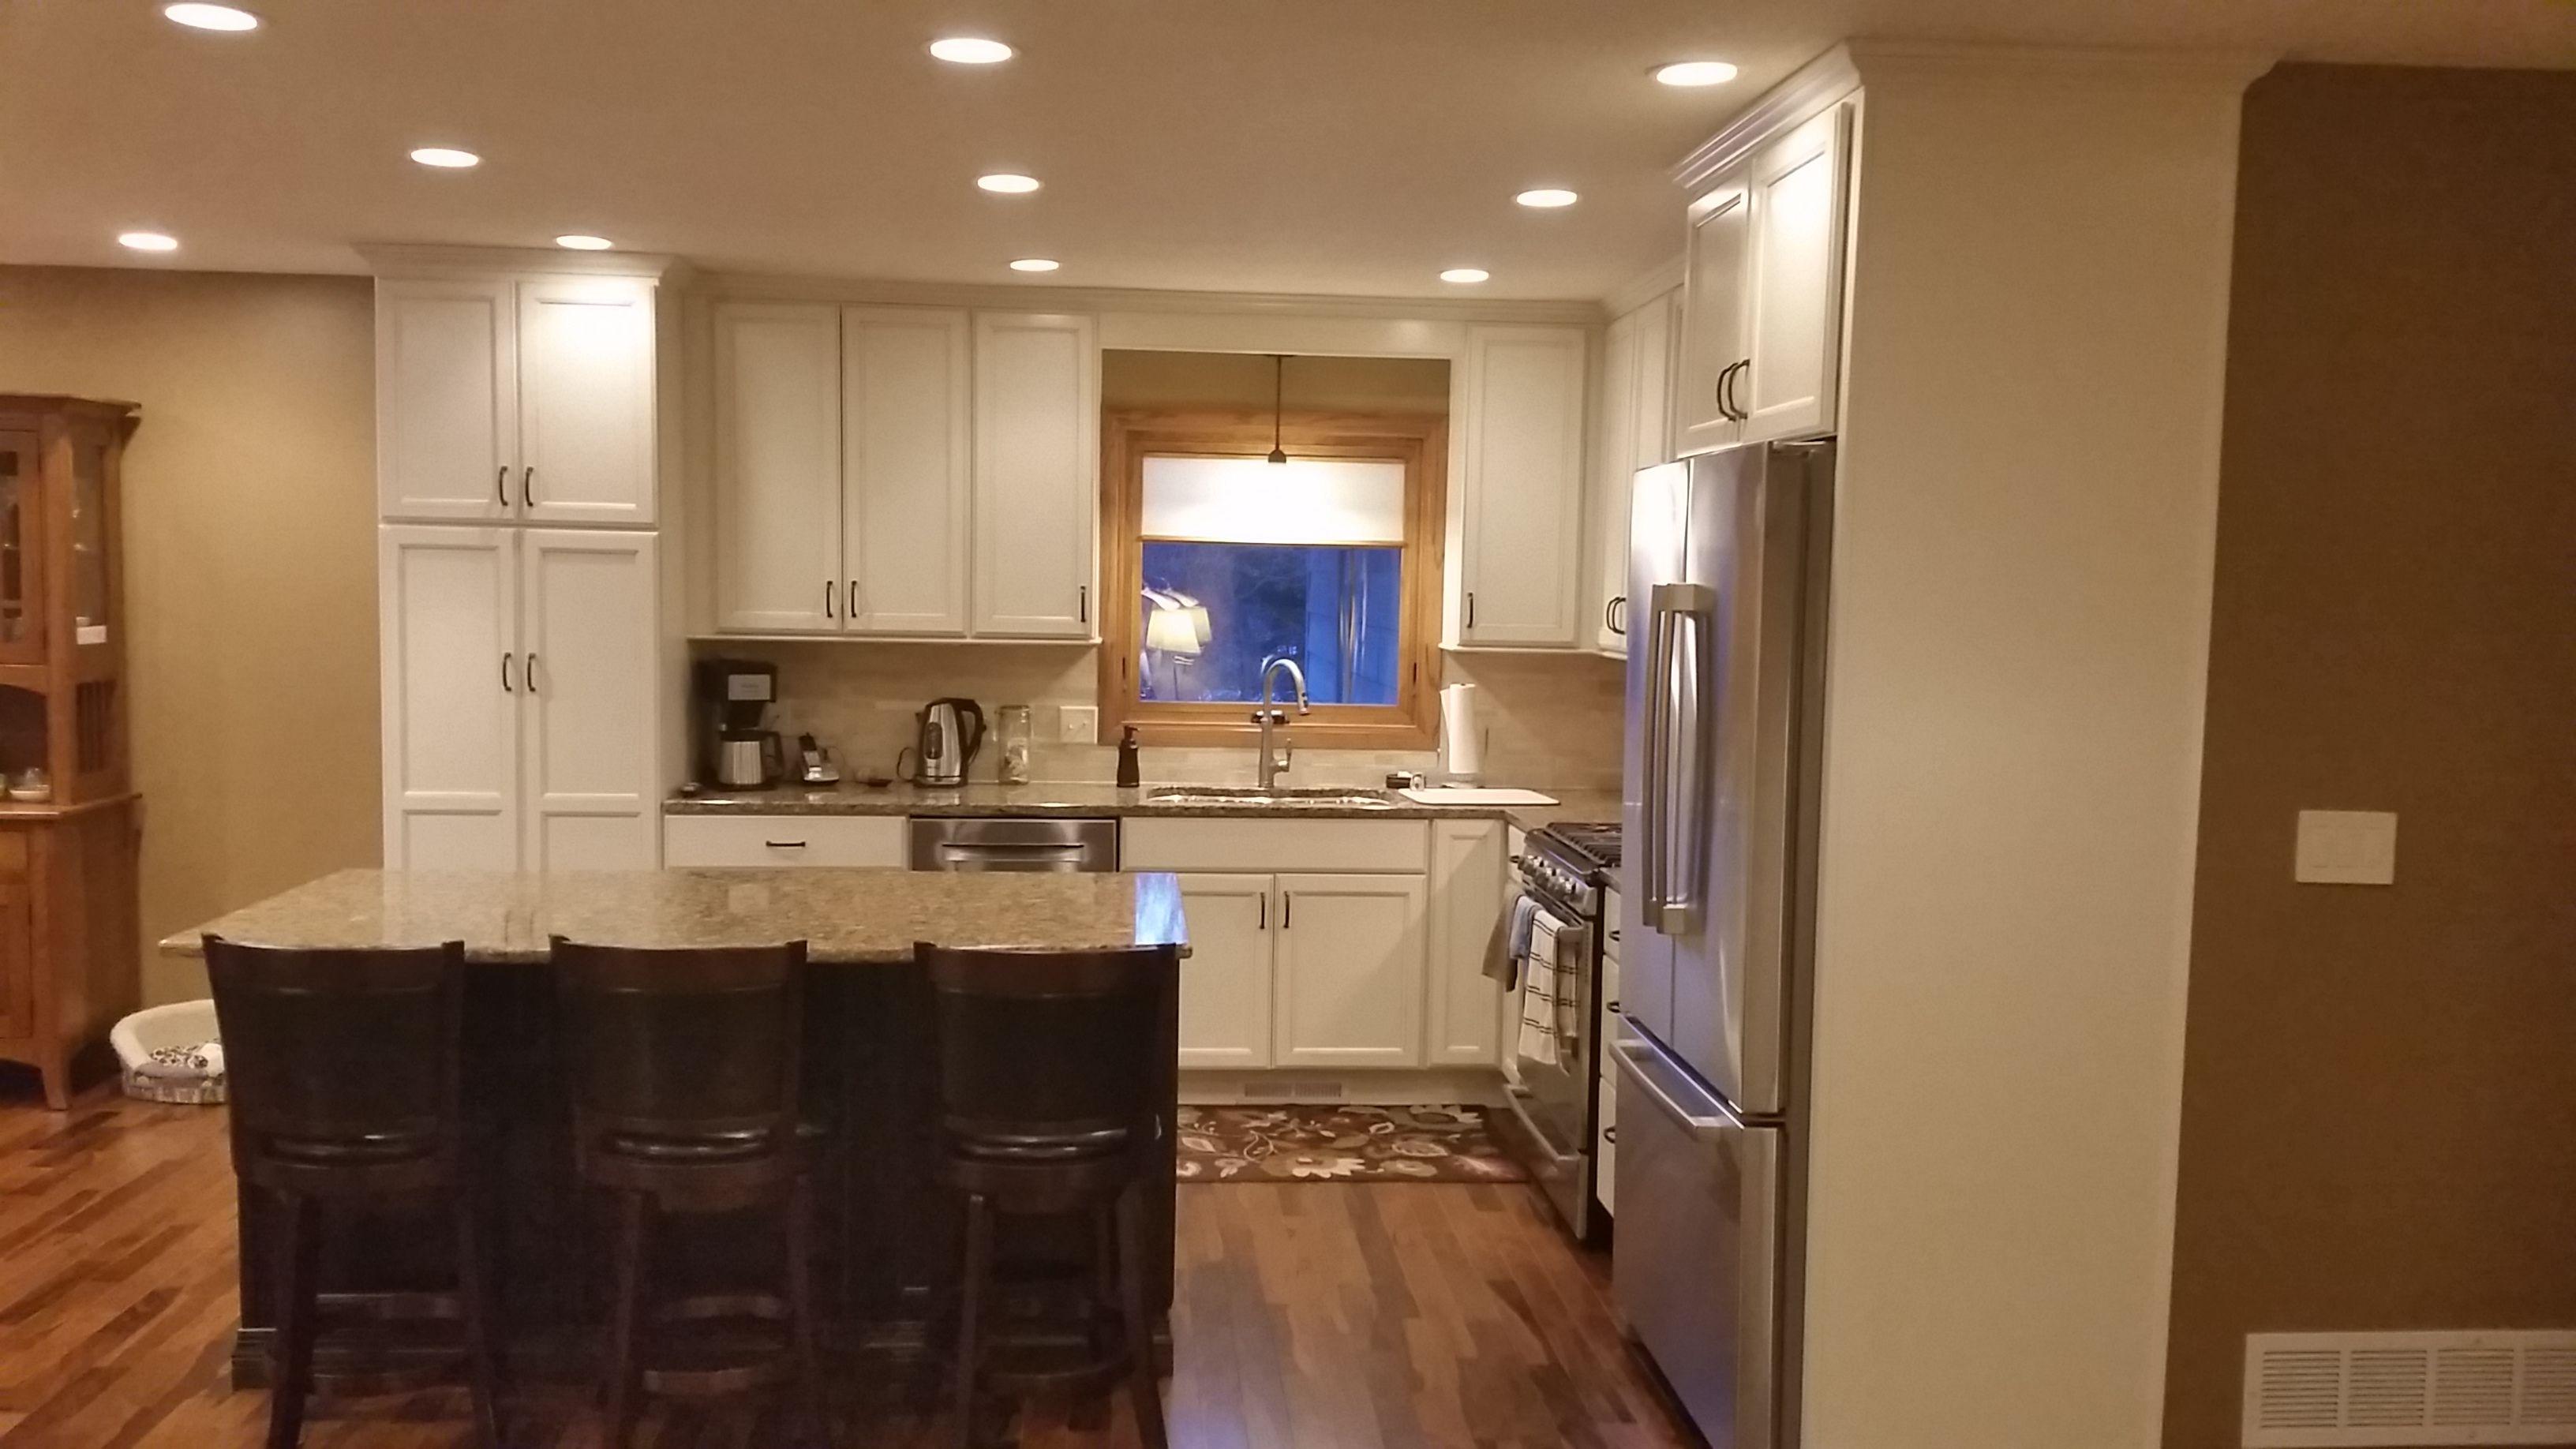 diamond kitchen cabinets Helander Kitchen Diamond Cabinets Maple Hanlon door toasted